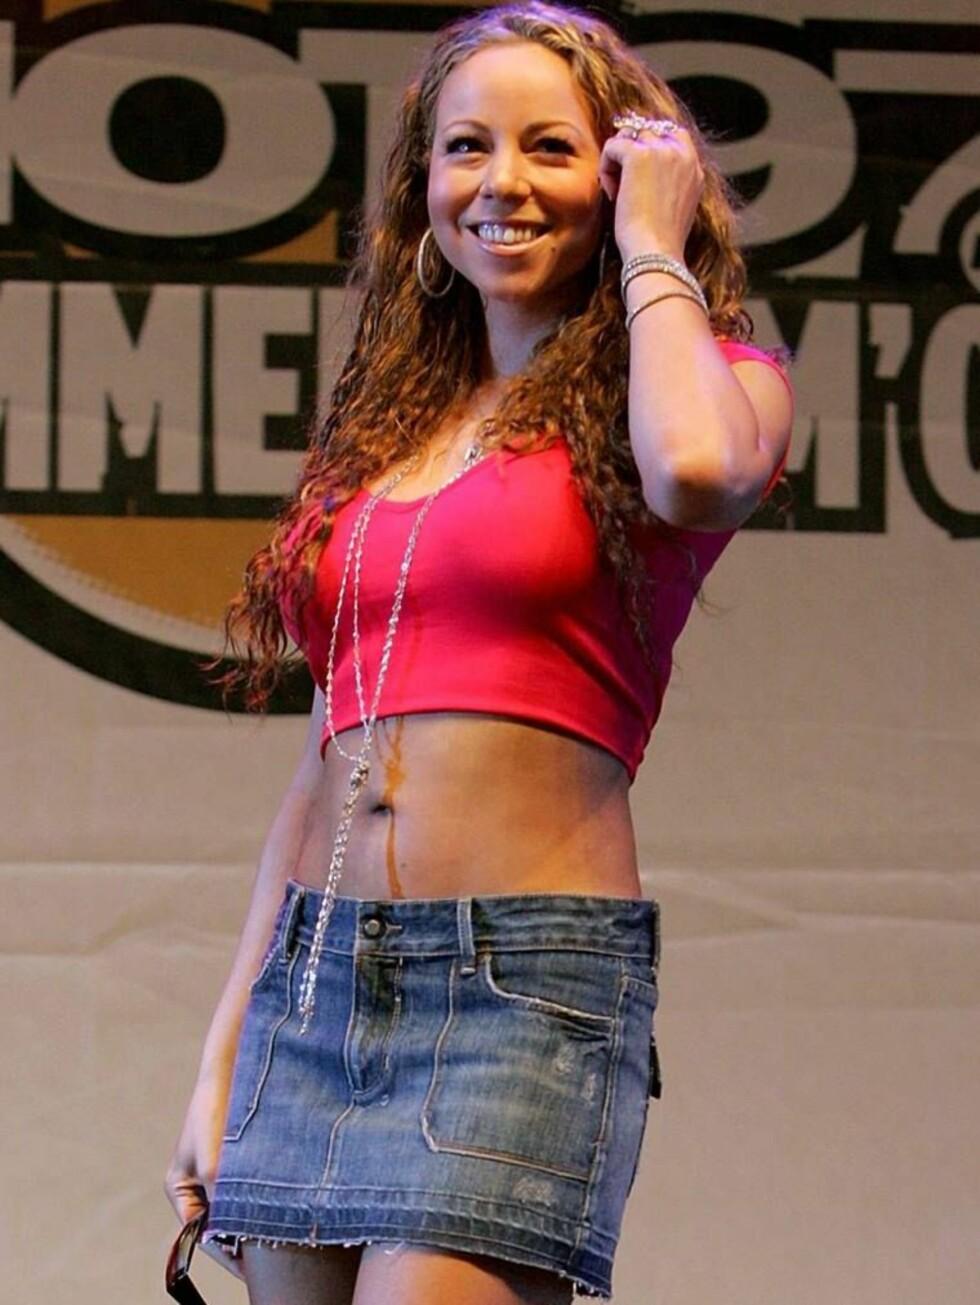 SOMMERKLEDD: Nå som vinteren er på gang, kunne nok Mariah trengt en god og varm pelskåpe... Foto: All Over Press